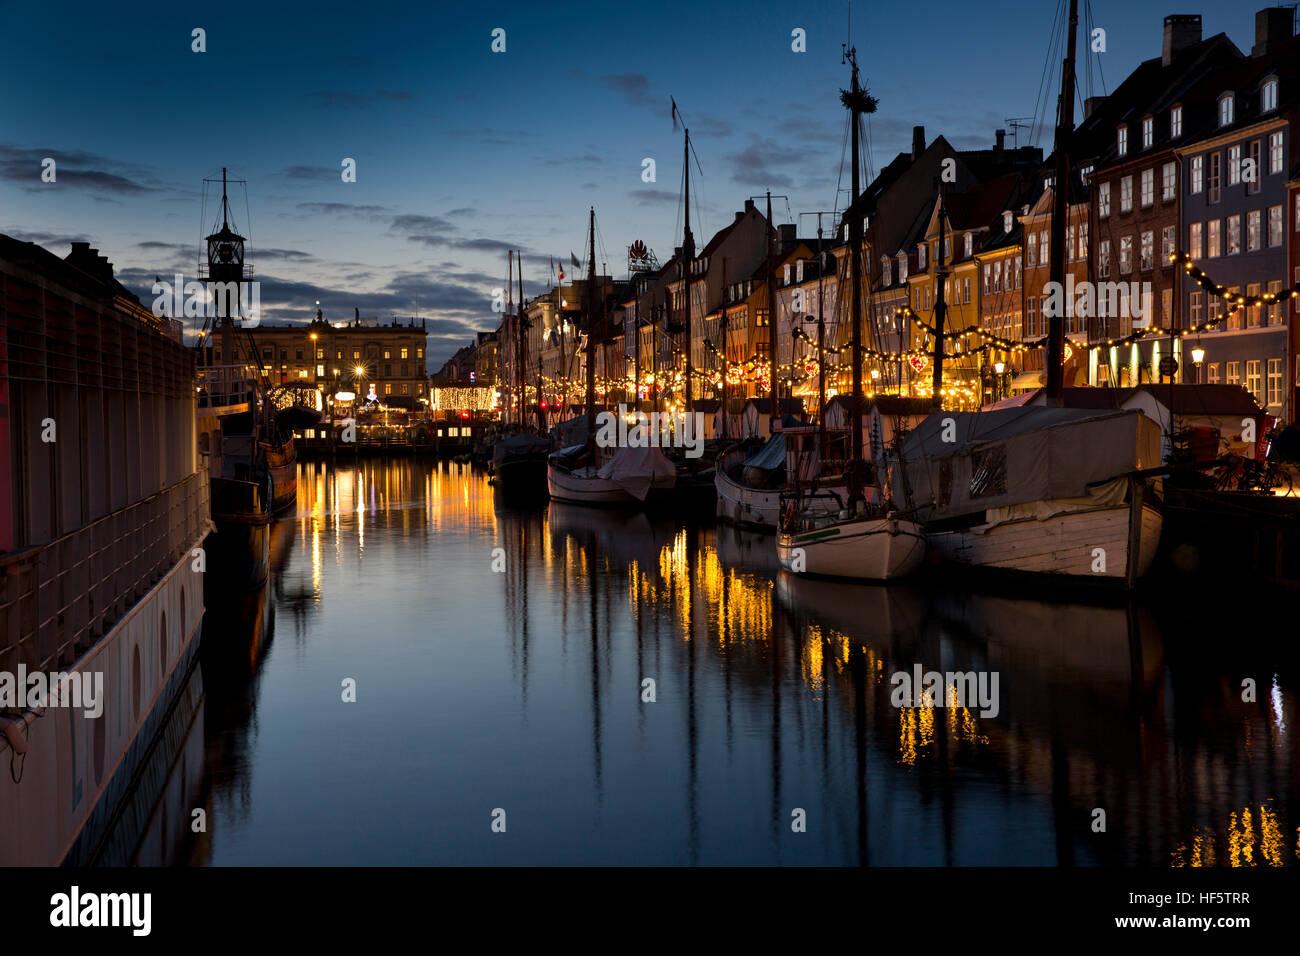 Danimarca Copenhagen Nyhavn, inverno, barche attraccate al molo di notte, riflessa nell'acqua Immagini Stock